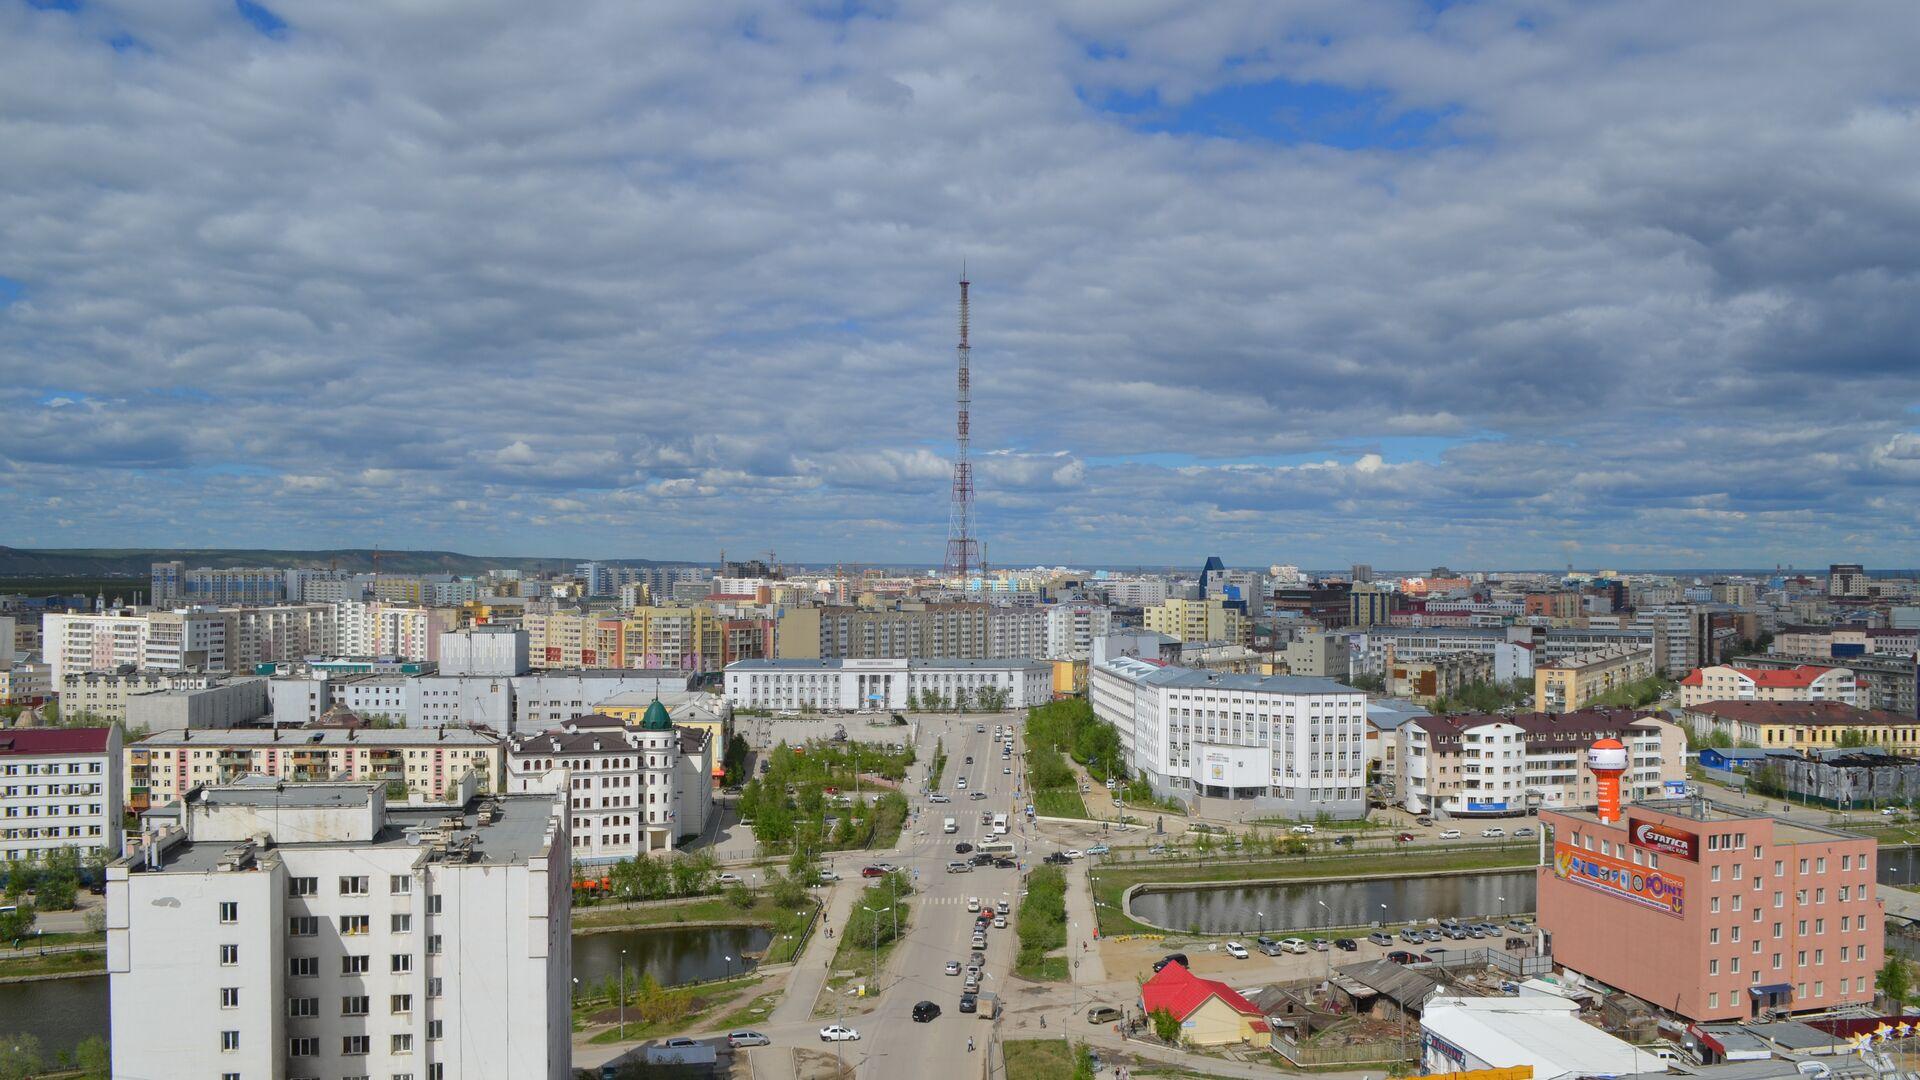 В Вологде возбудили дело из-за угроз устроить стрельбу в учебном заведении